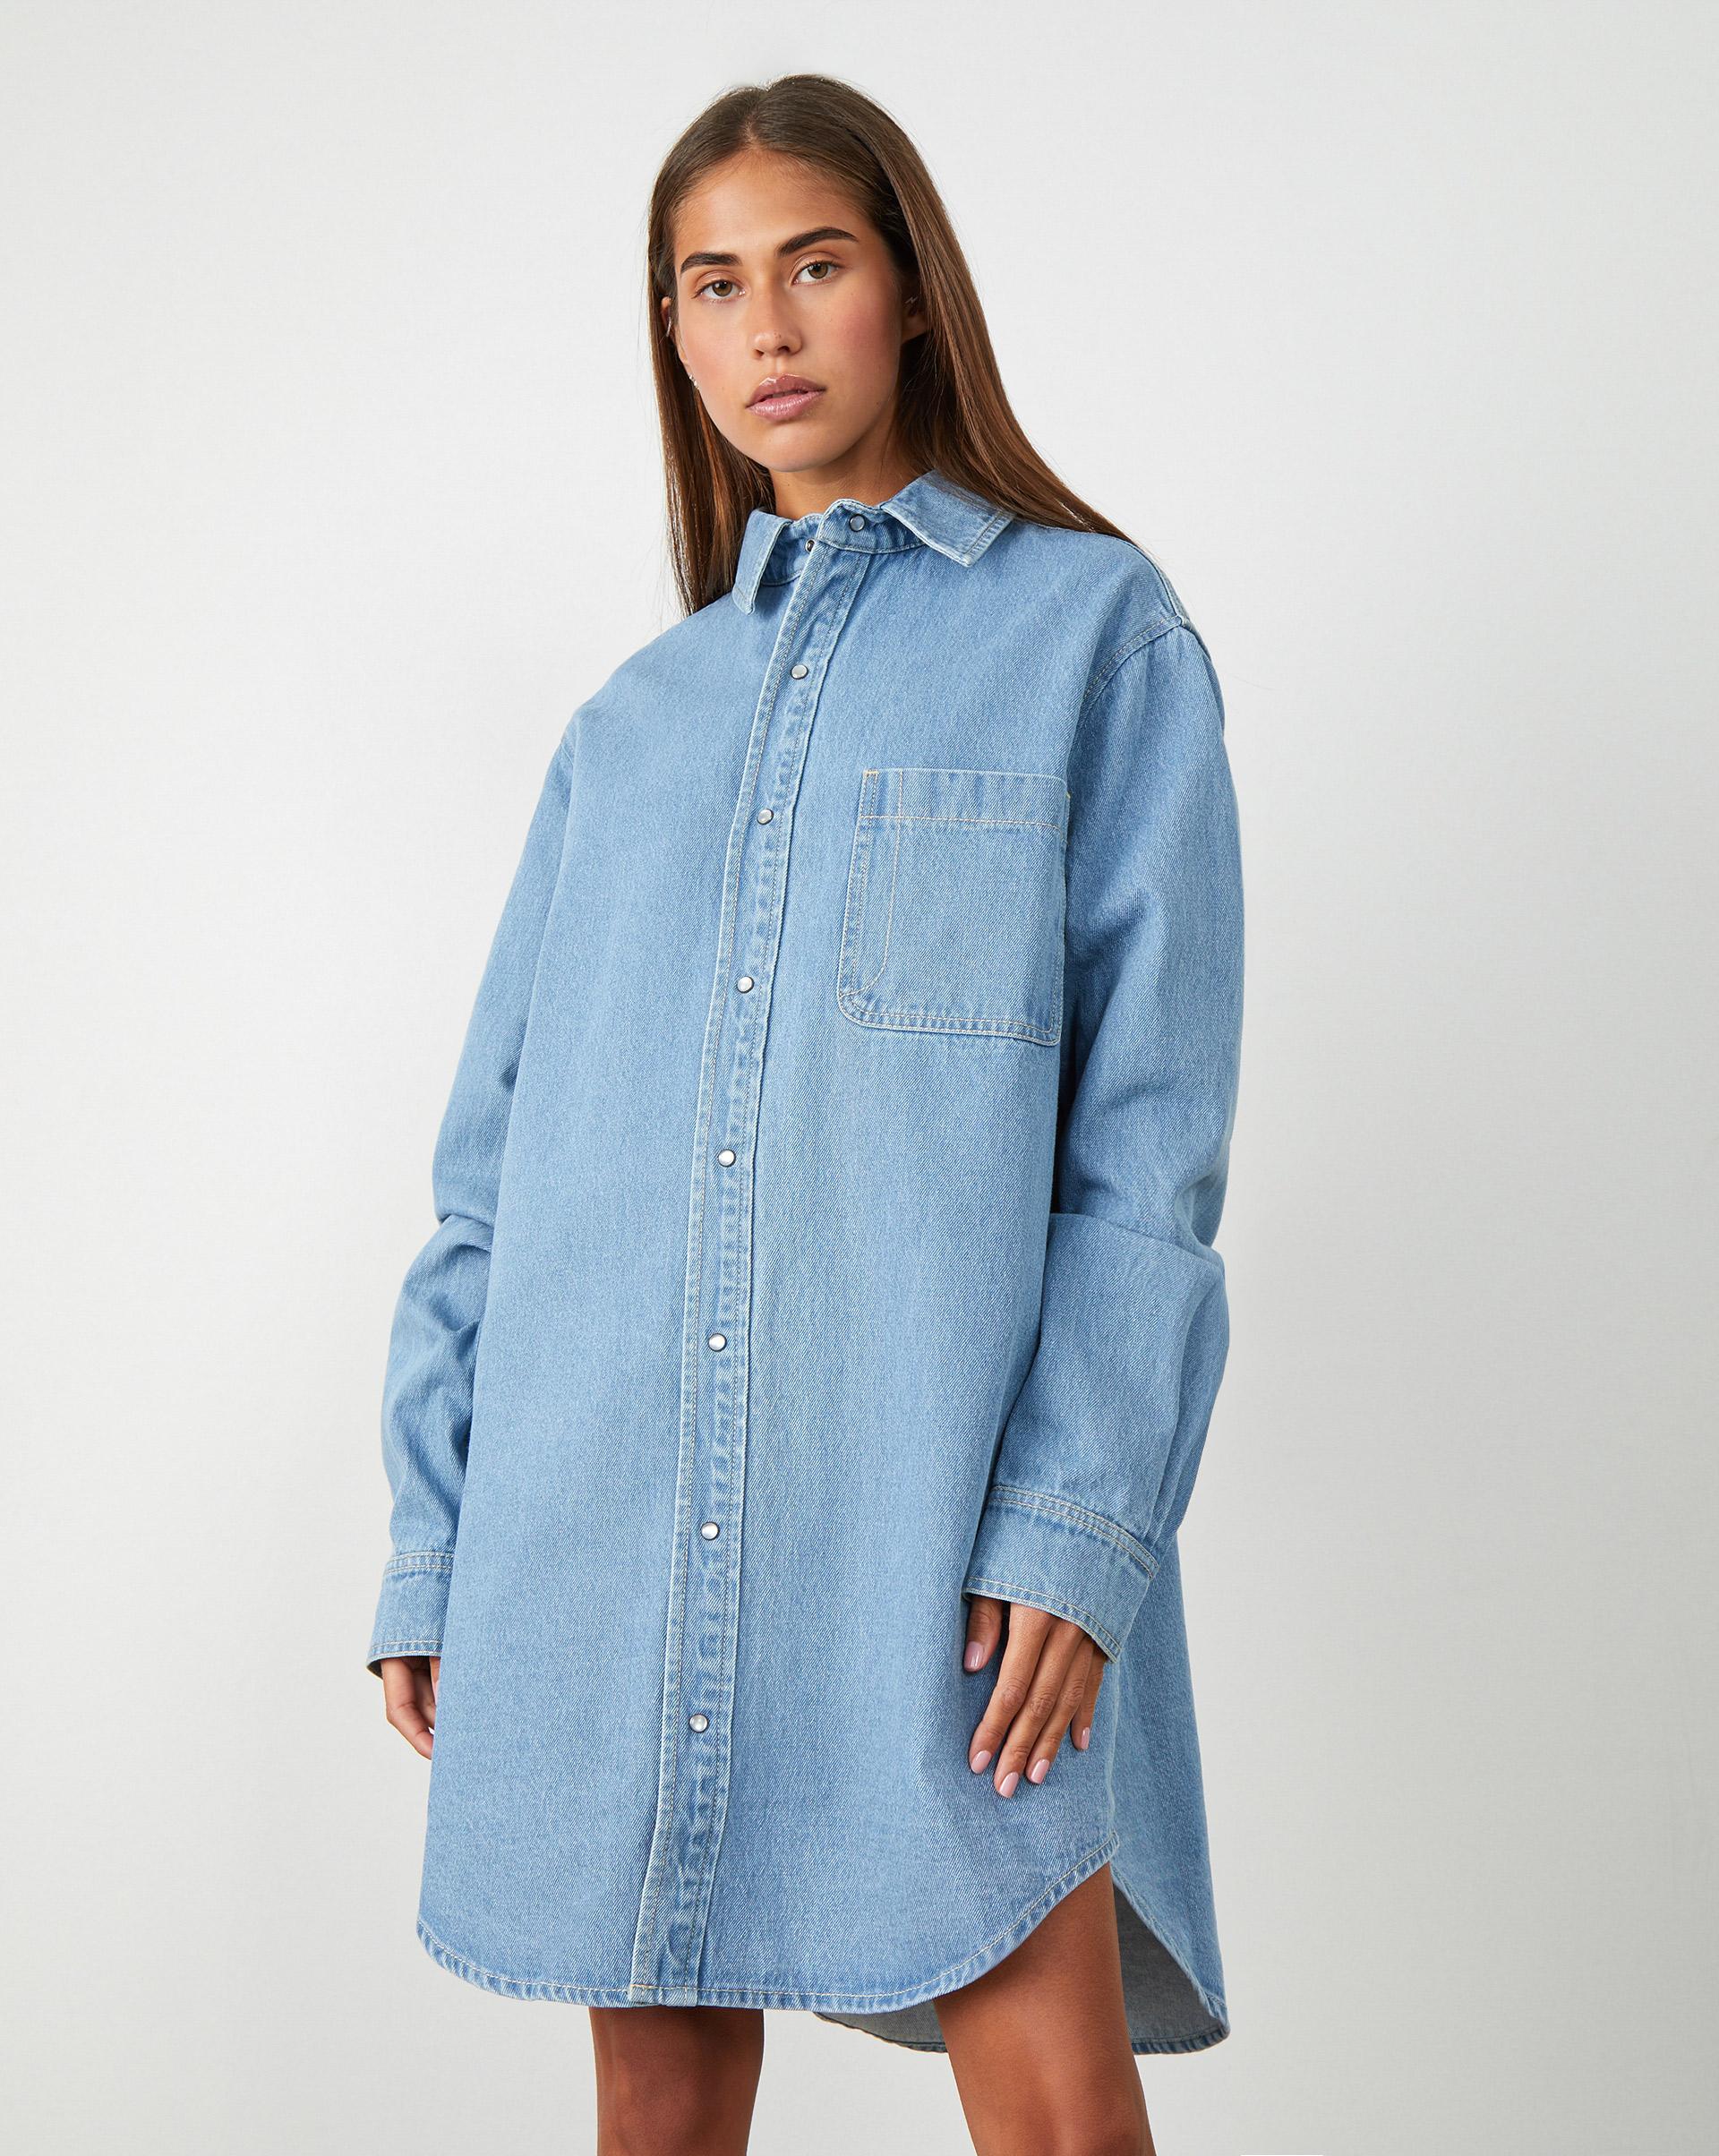 12Storeez Джинсовое платье-рубашка платье рубашка la redoute джинсовое с поясом m синий